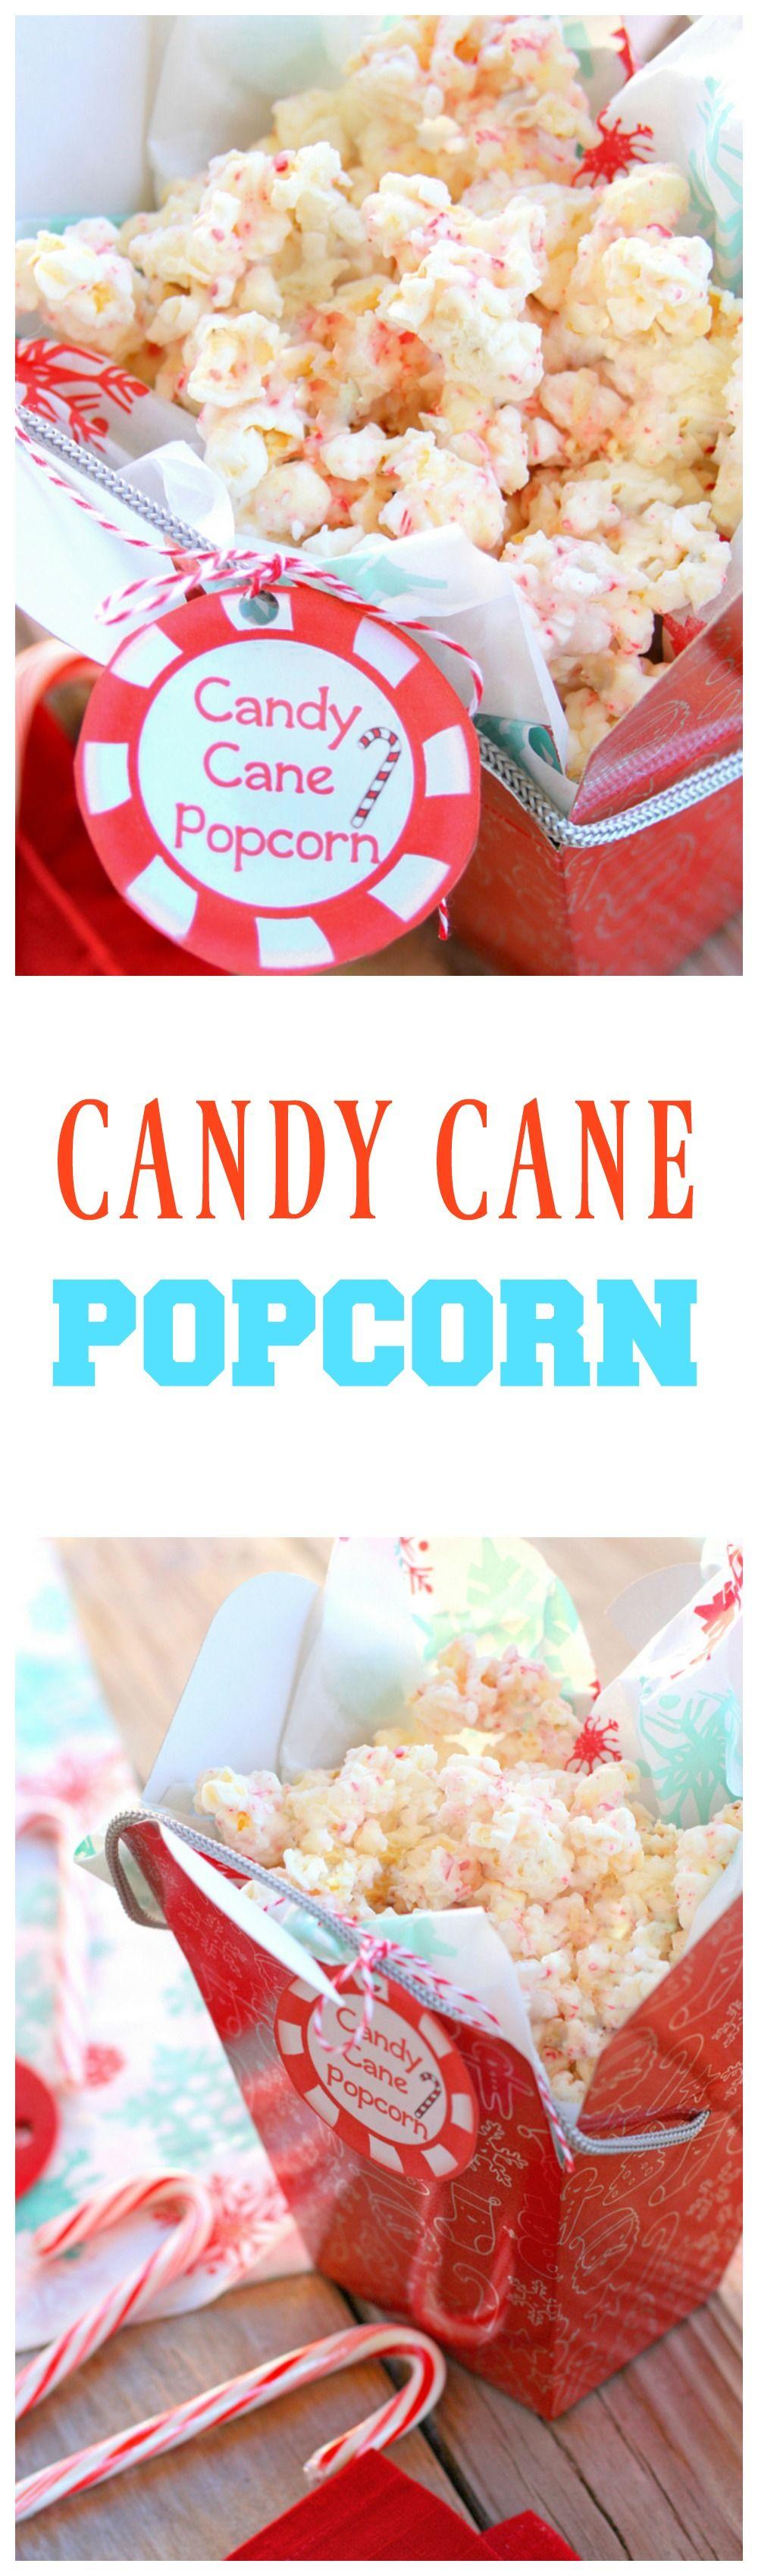 Candy Cane Popcorn Recipe Holiday Baking Christmas